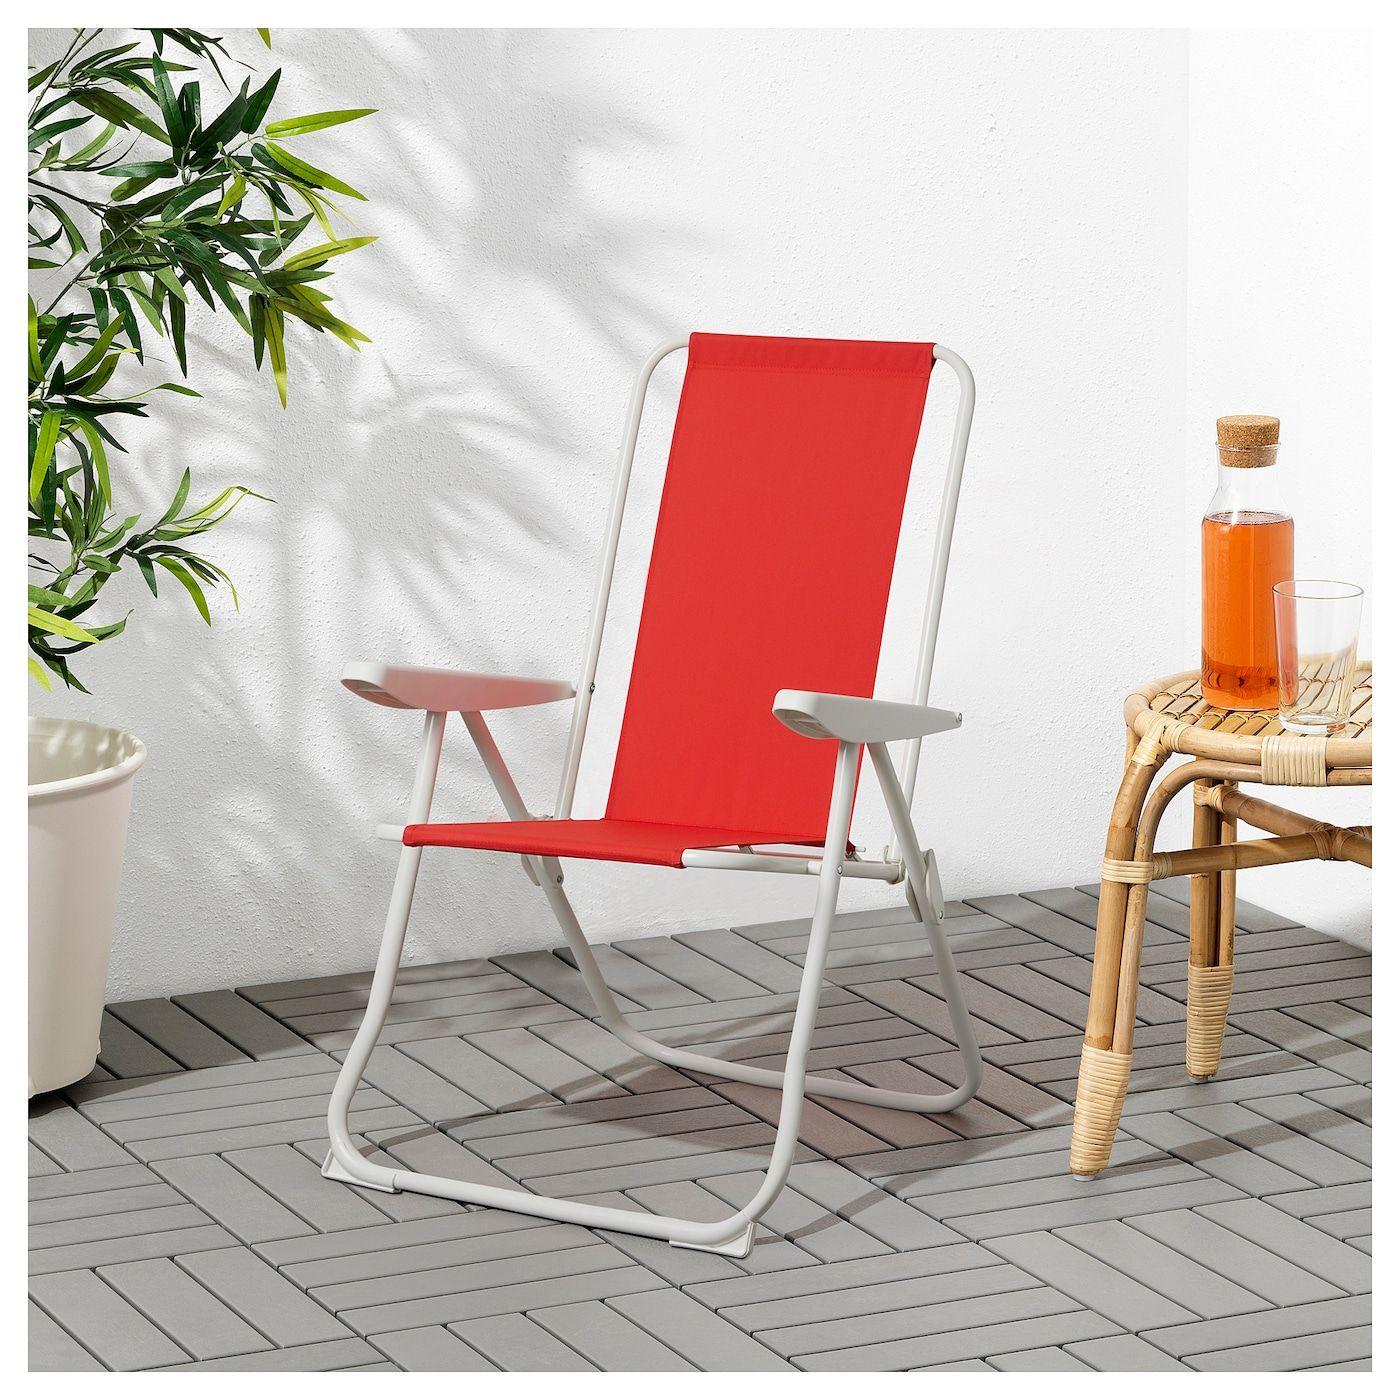 Håmö Reclining Chair - Red   Chaise Fauteuil, Fauteuil ... dedans Transat Jardin - Ikea